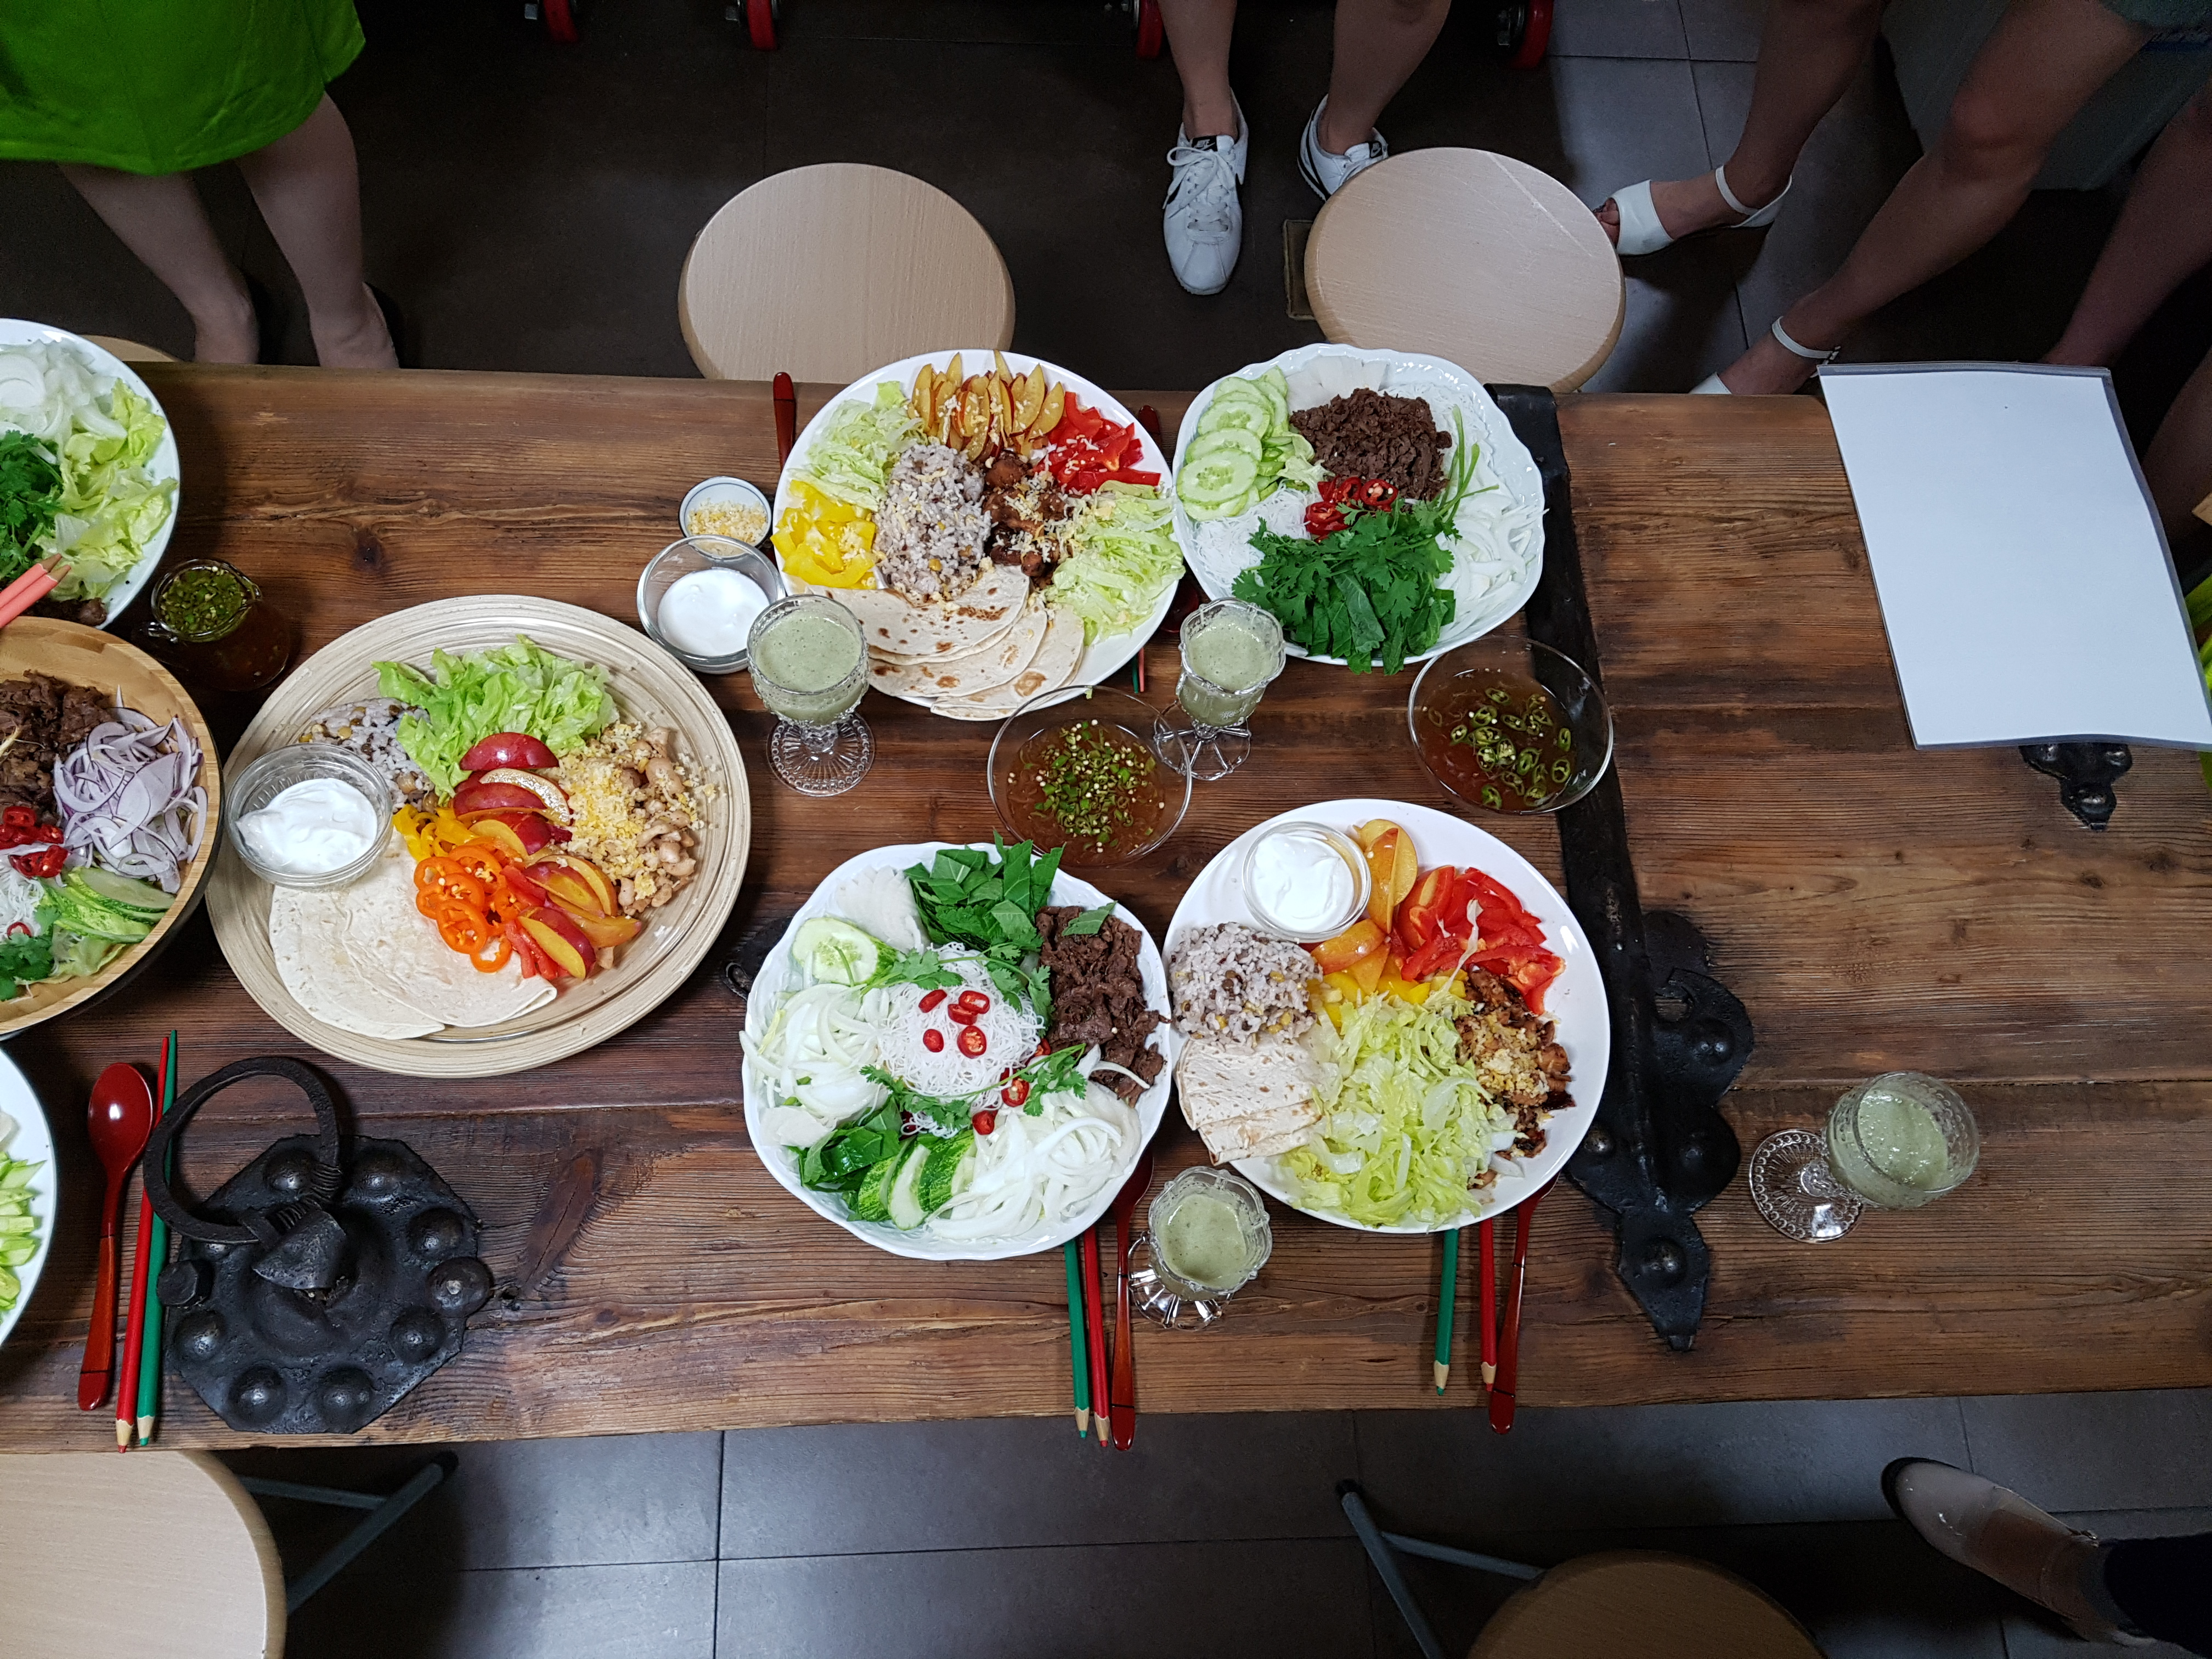 원데이 쿠킹클래스 - 저녁집밥   <720kcal 다이어터식단 - 클렌즈주스+닭가슴살타코라이스+쌀국수 샐러드